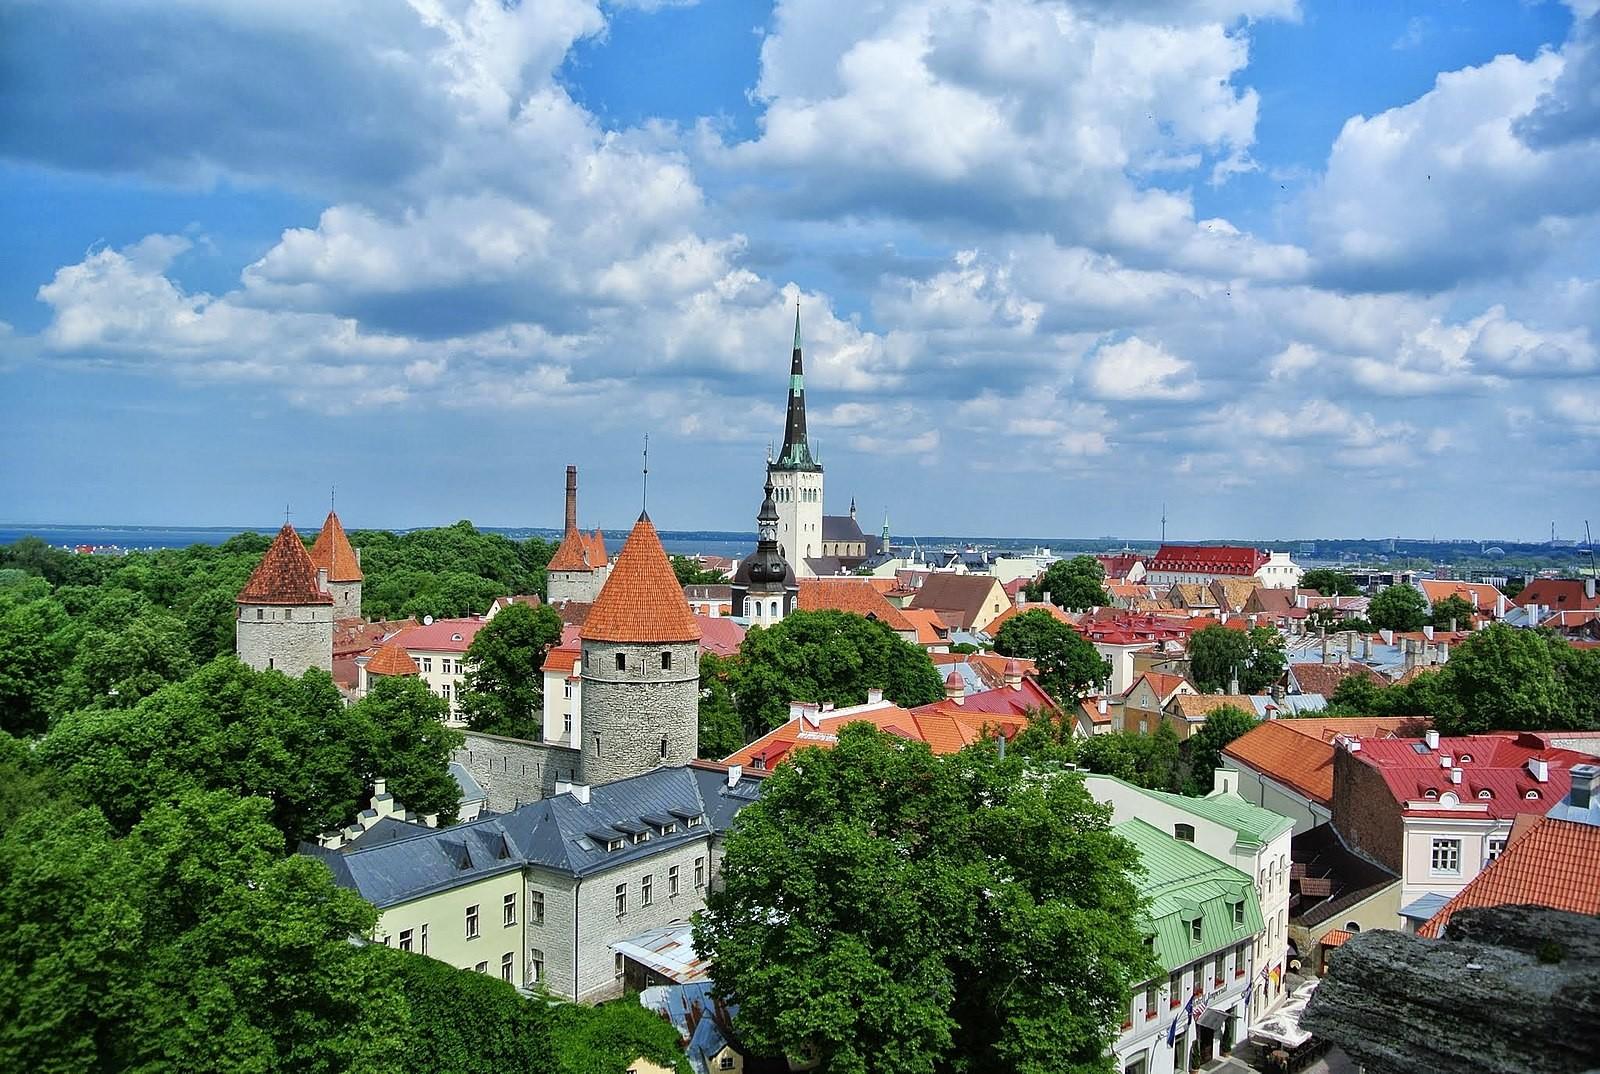 Esperienza a Tallinn (Estonia), di Liis